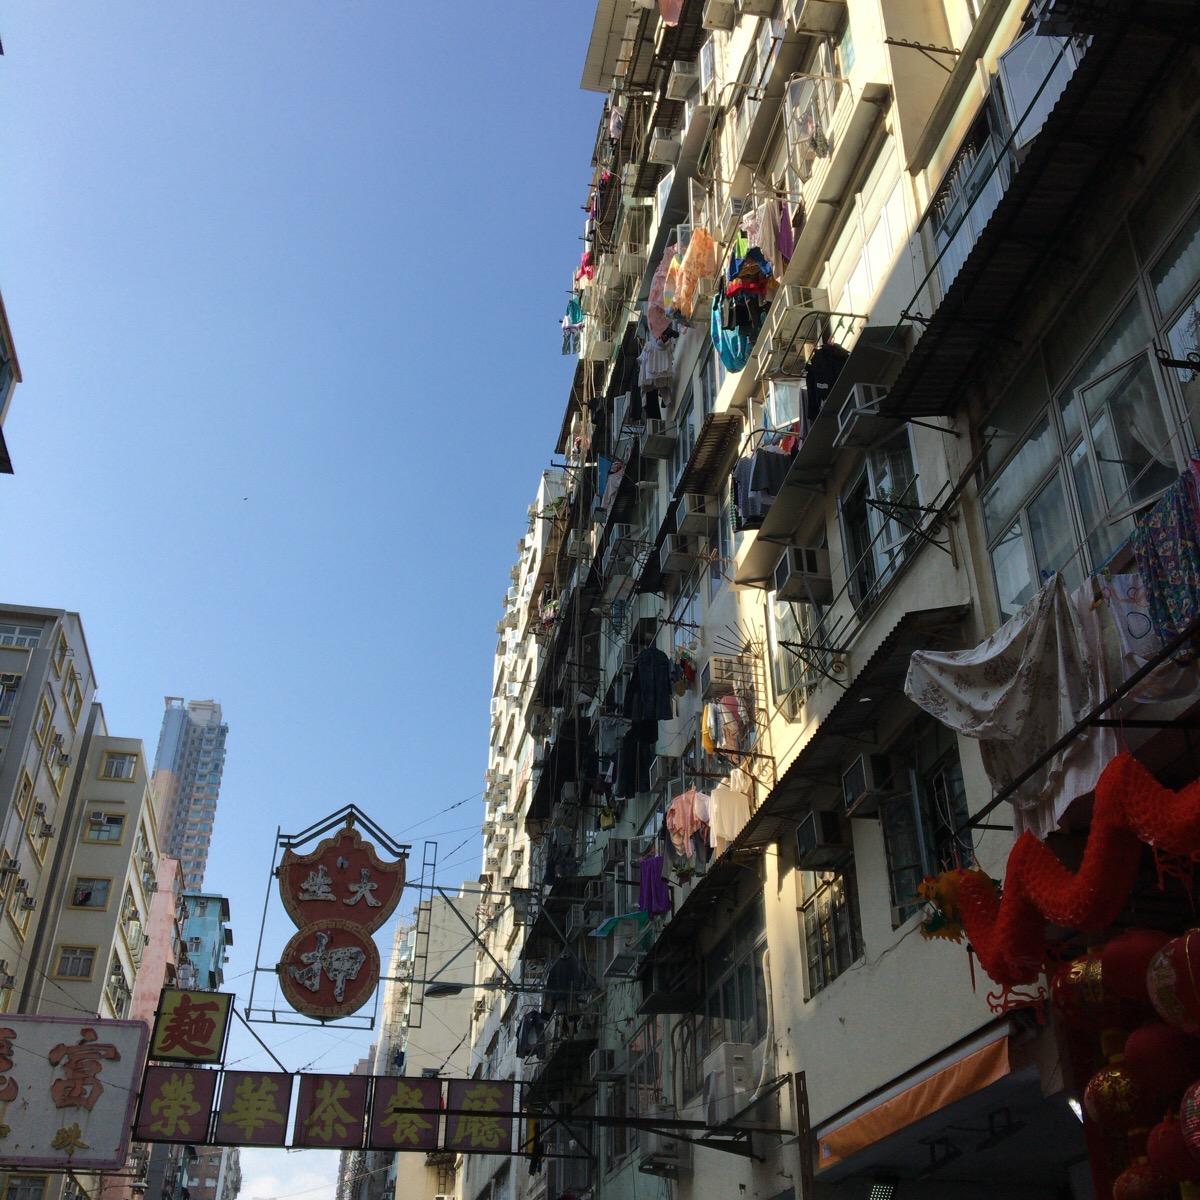 台湾・台中〜香港 香港エクスプレスで2泊3日の旅 去年5月以来の香港の変化。台湾・香港の通信・物価比較などの雑感